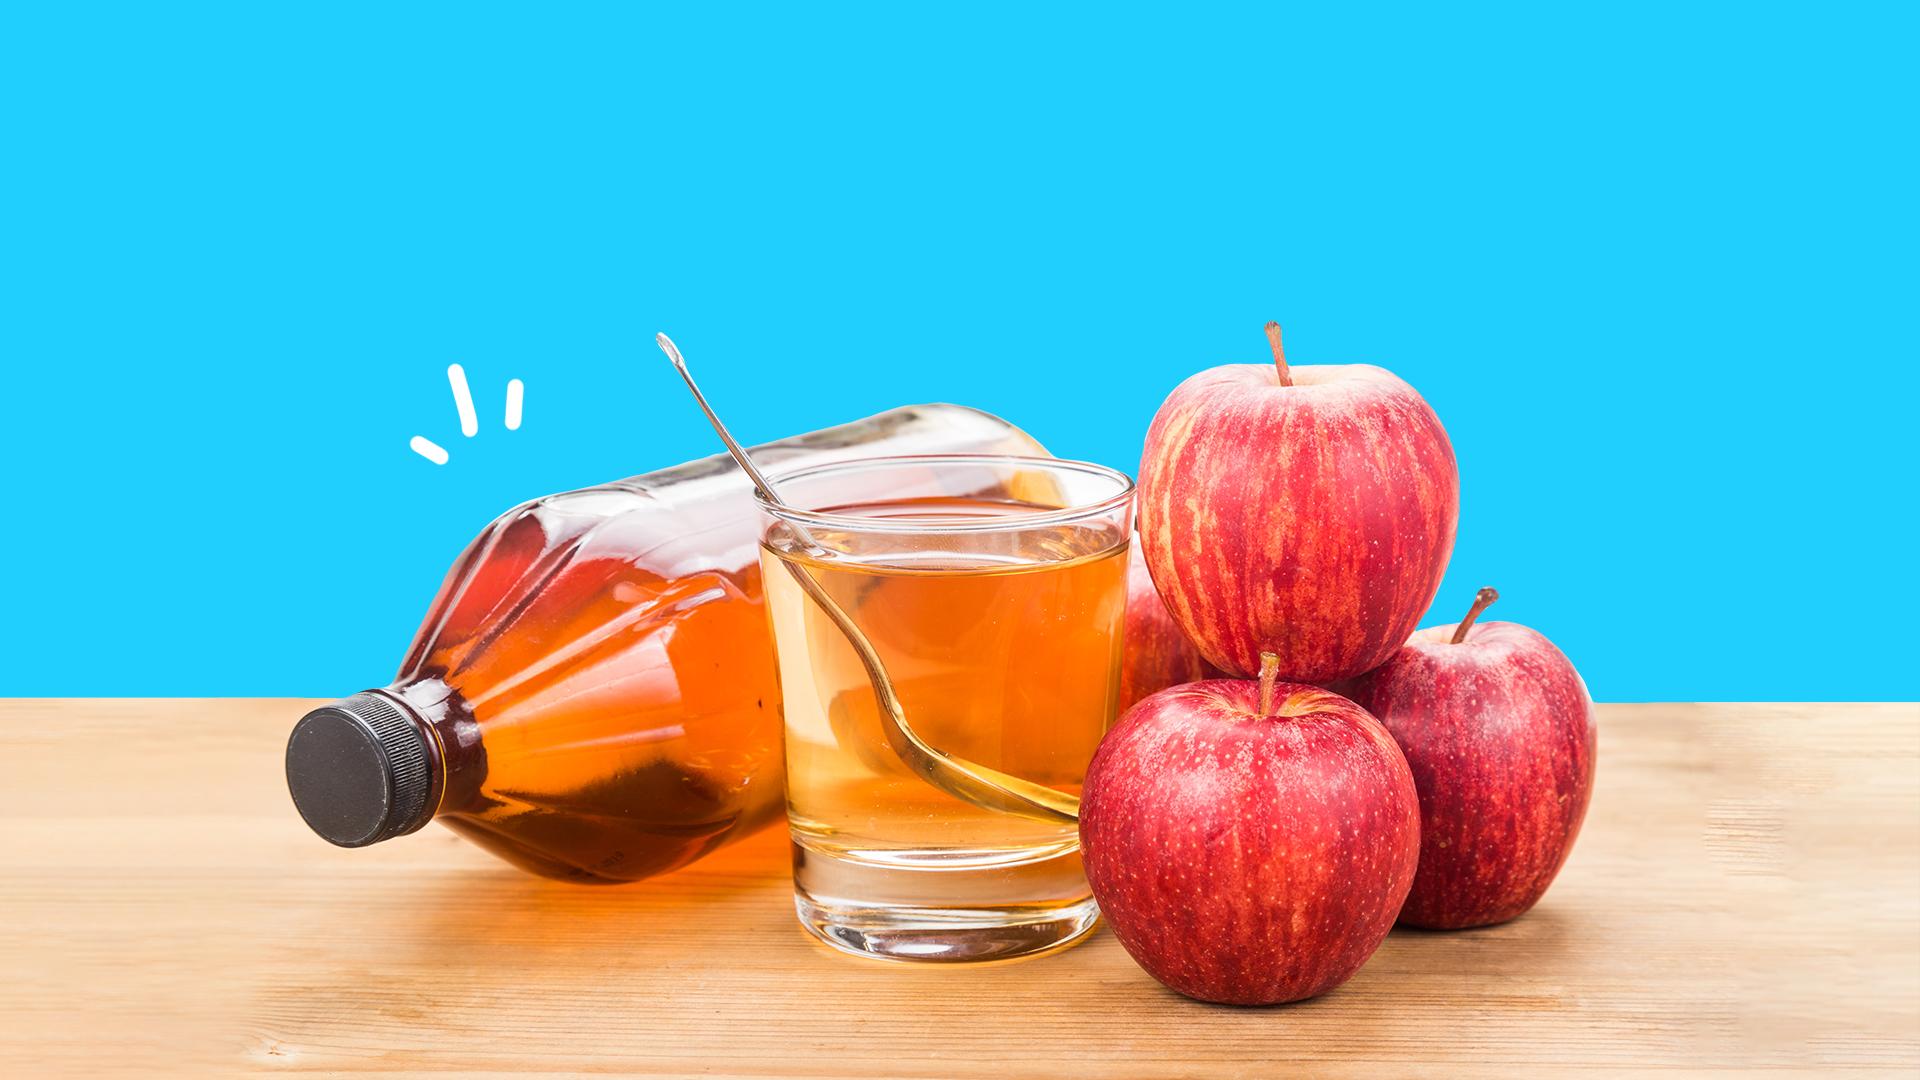 Does apple cider vinegar have health benefits?